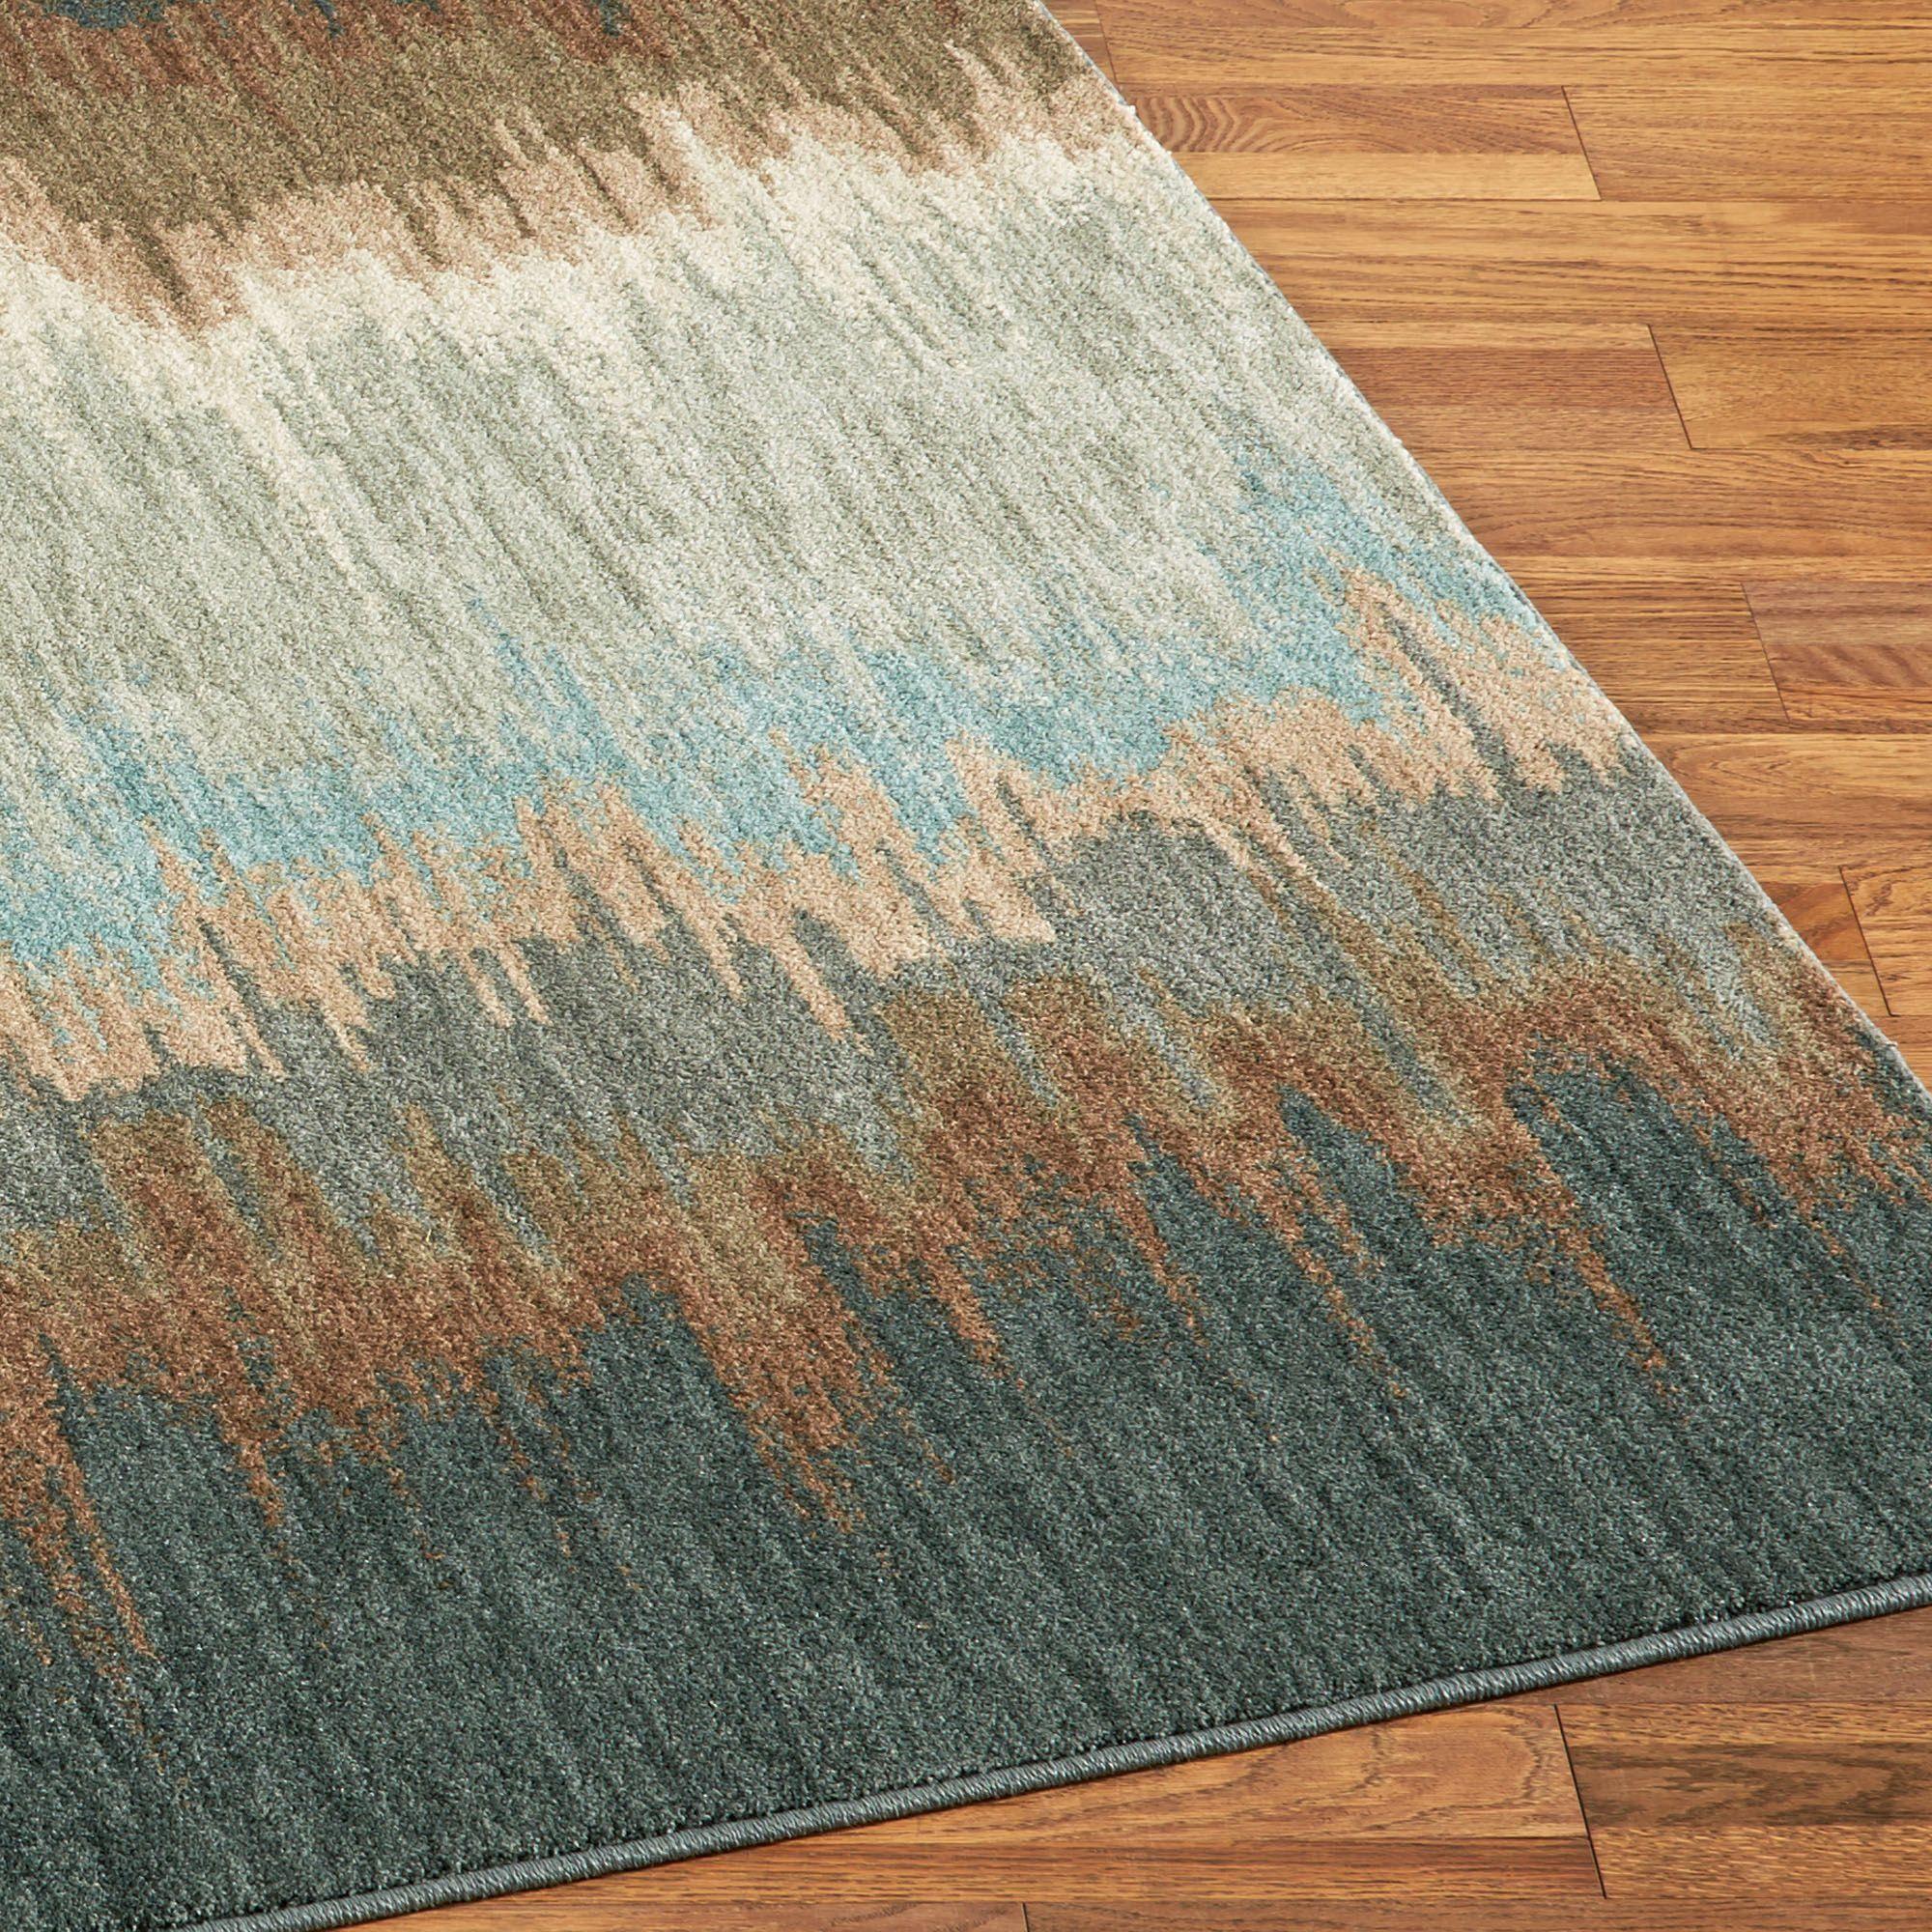 Mohawk pet friendly smartstrand cashel area rugs for Runner rugs